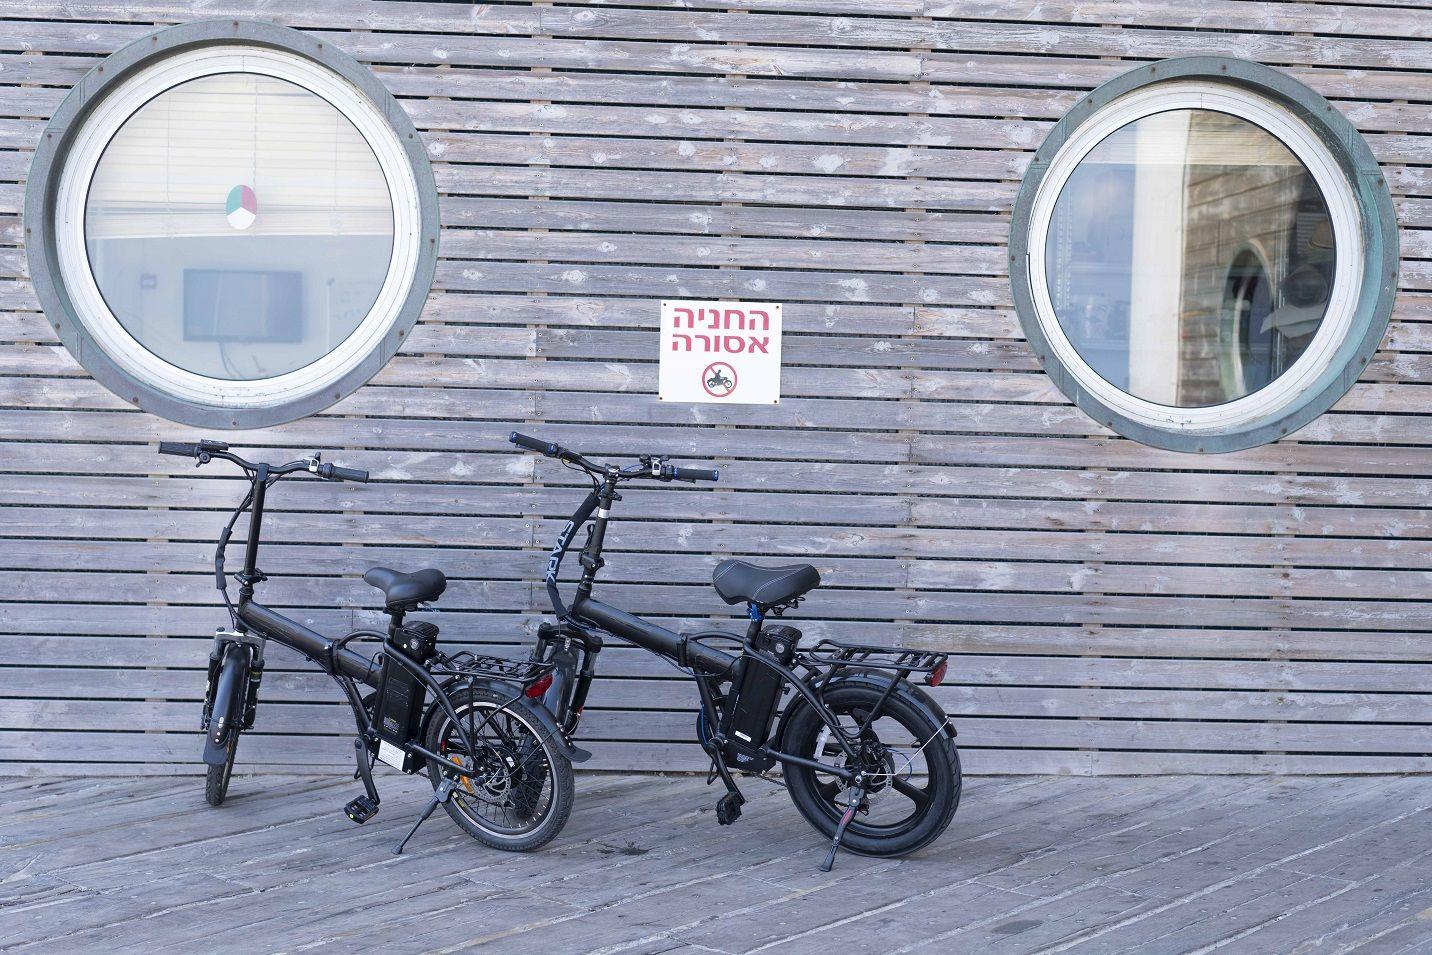 אופניים חשמליים חוקים וקנסות - מה העבירות הנפוצות לפי נתוני המשטרה?